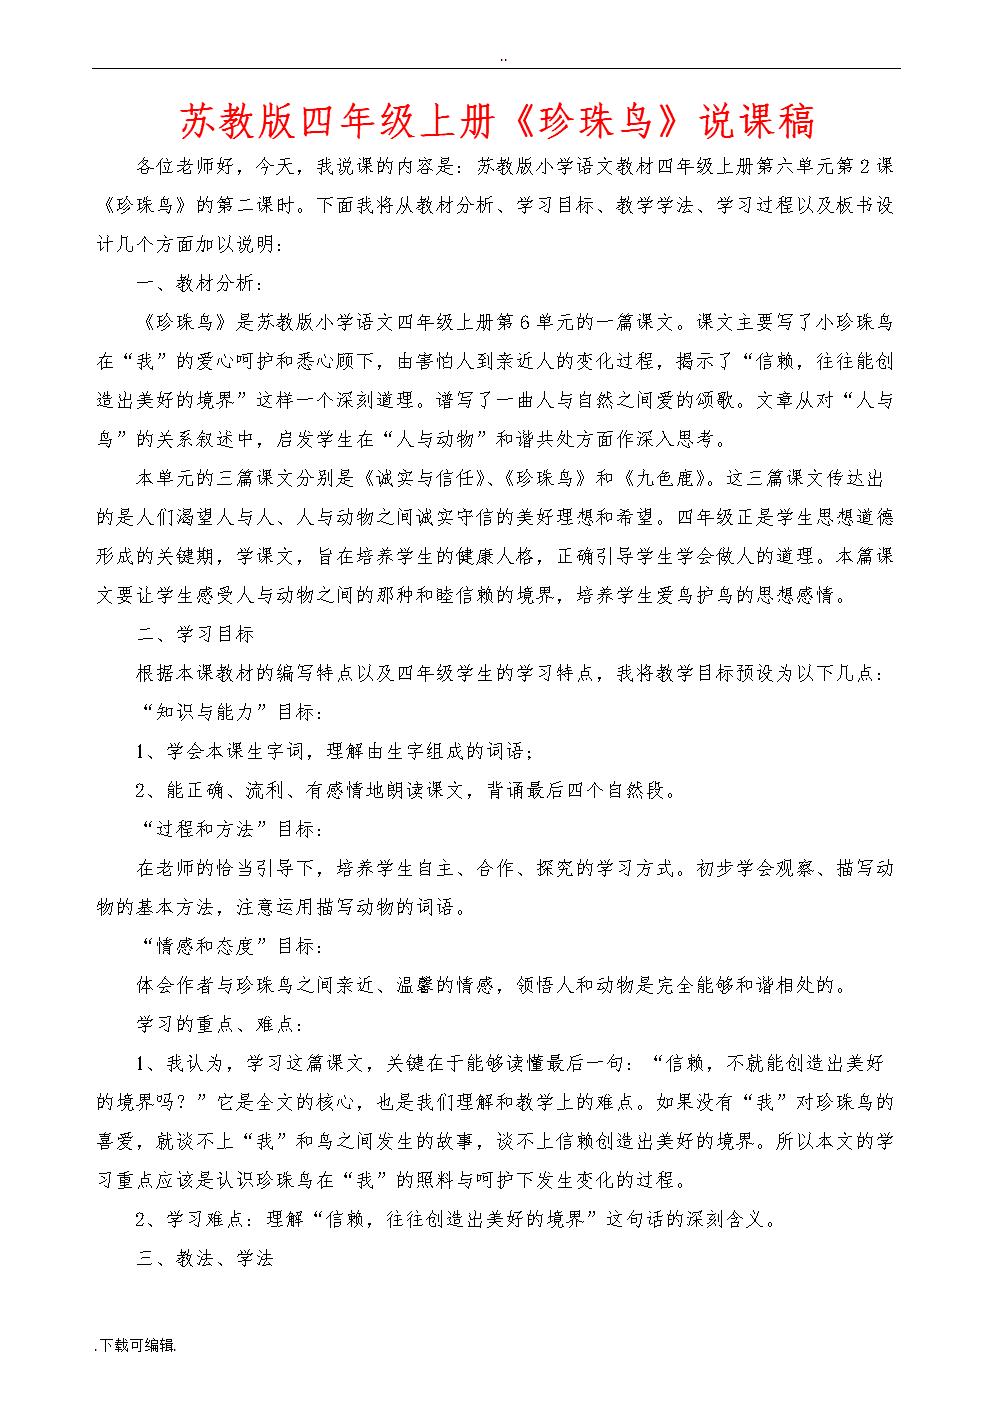 苏教版四年级(上册)《珍珠鸟》说课稿.doc